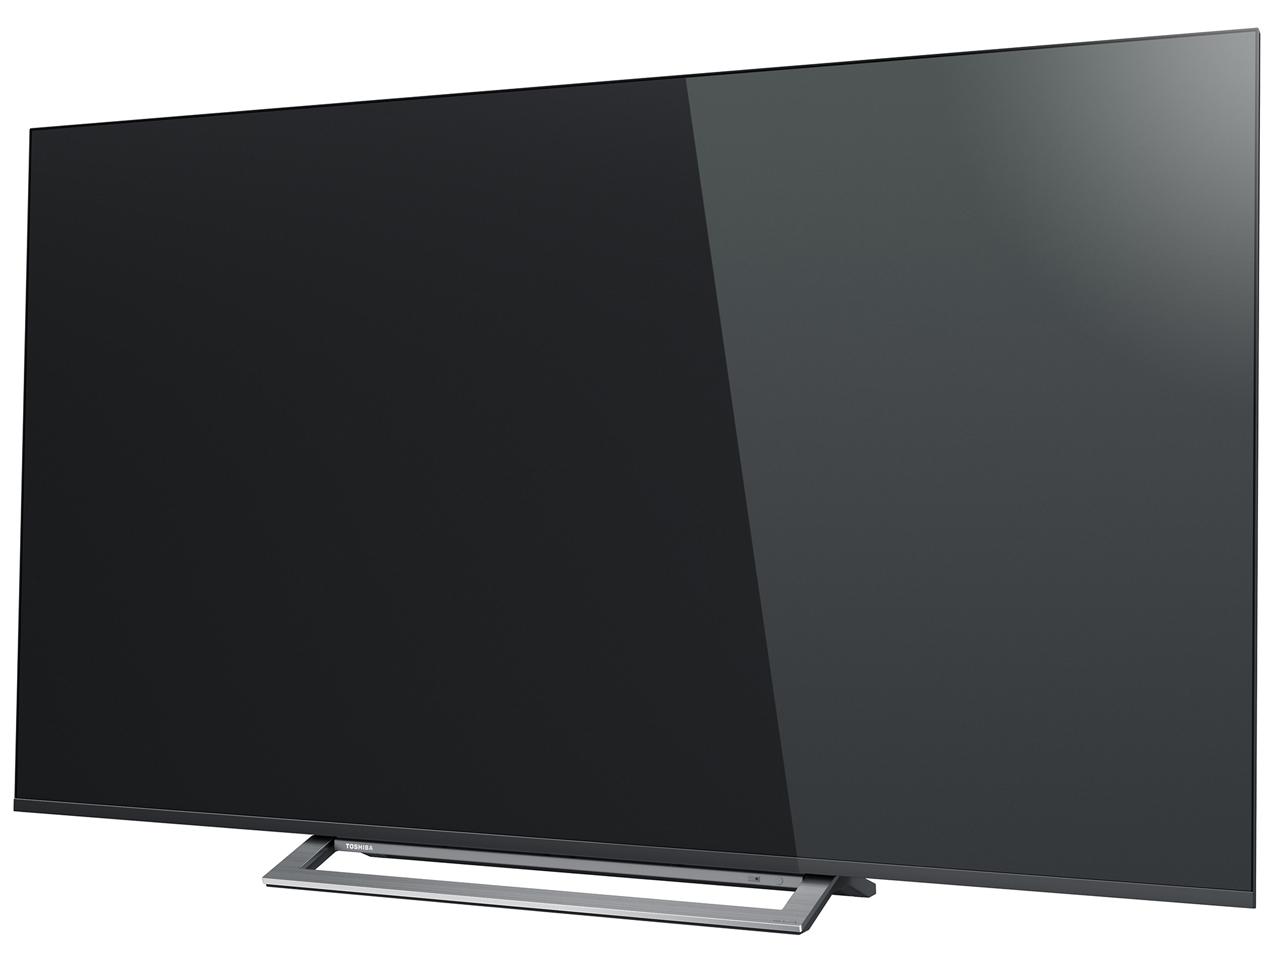 『本体 斜め』 REGZA 65M530X [65インチ] の製品画像